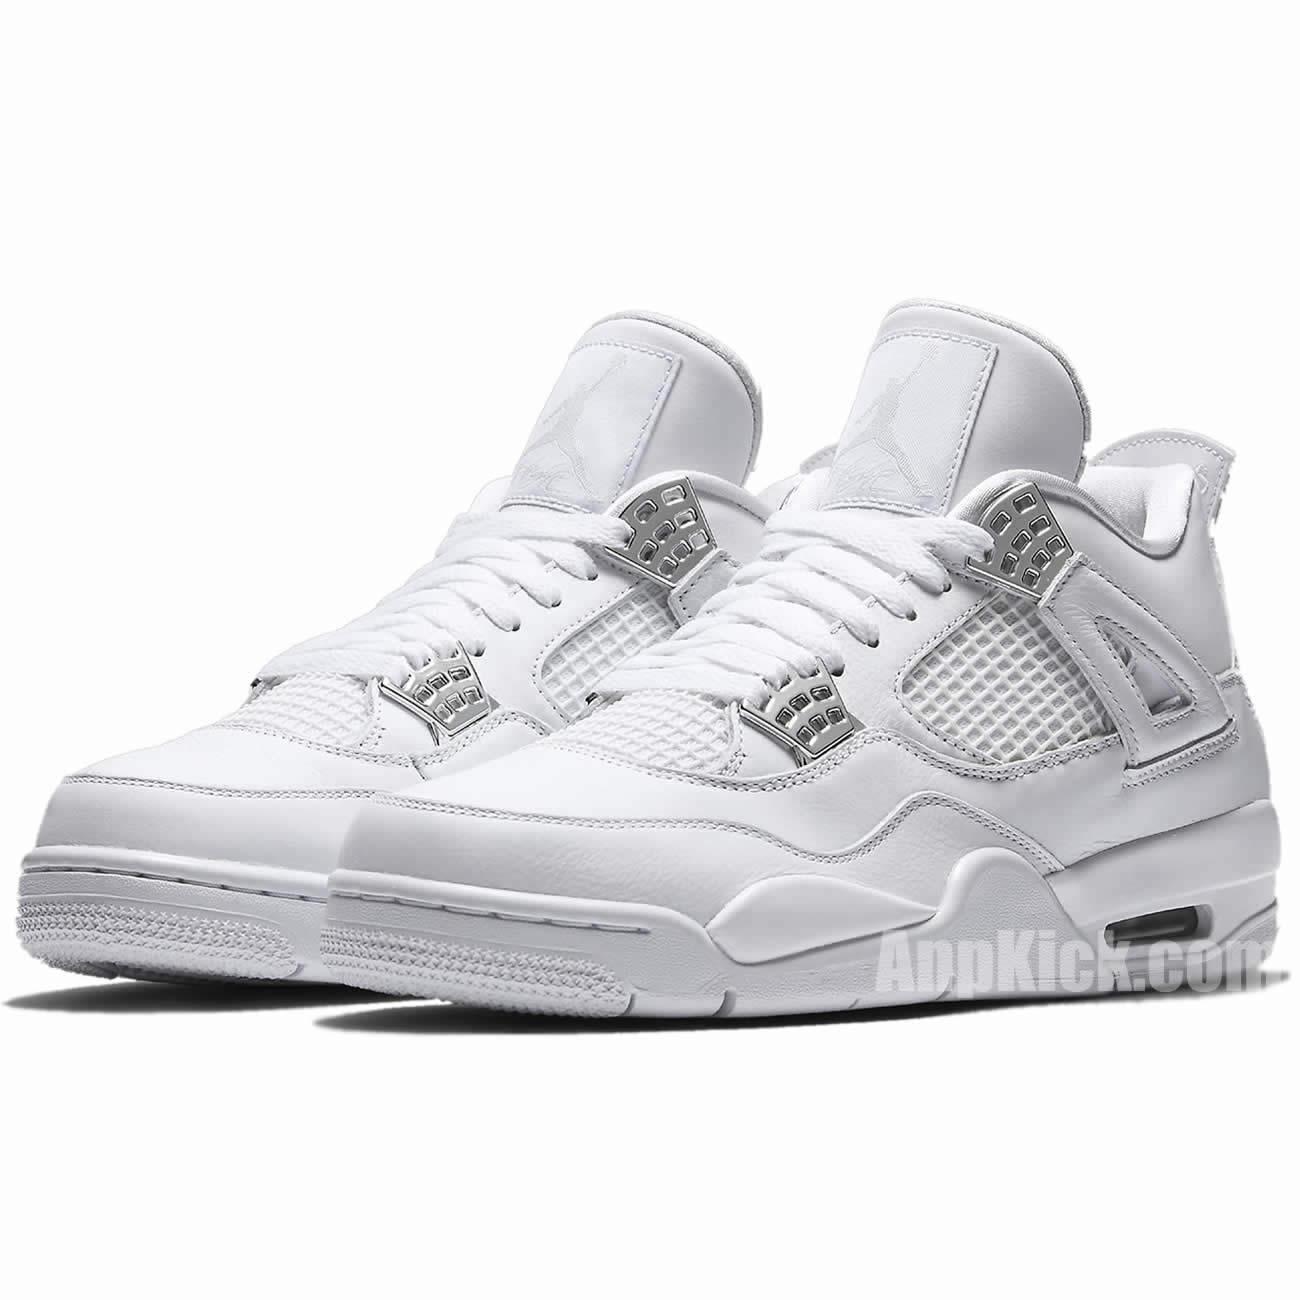 1d315d51d7b Air Jordan 4 All White/Silver